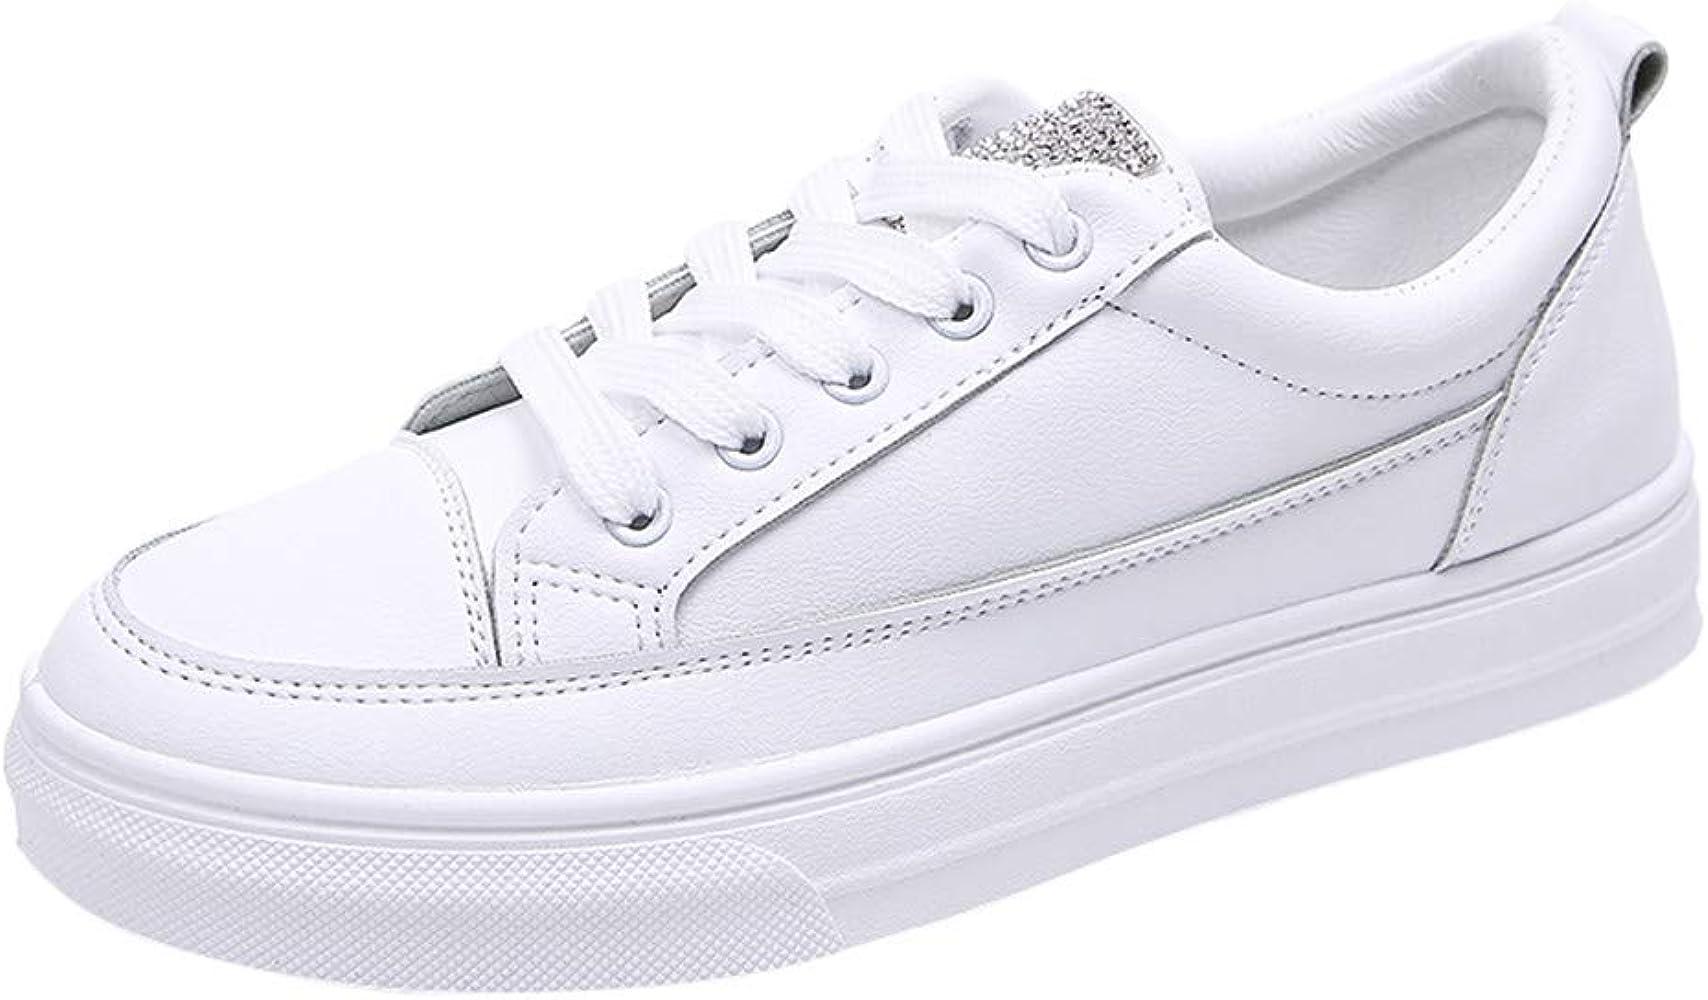 Zapatillas Blancas Mujer Zapatos Deportivos de Moda para Mujer ...